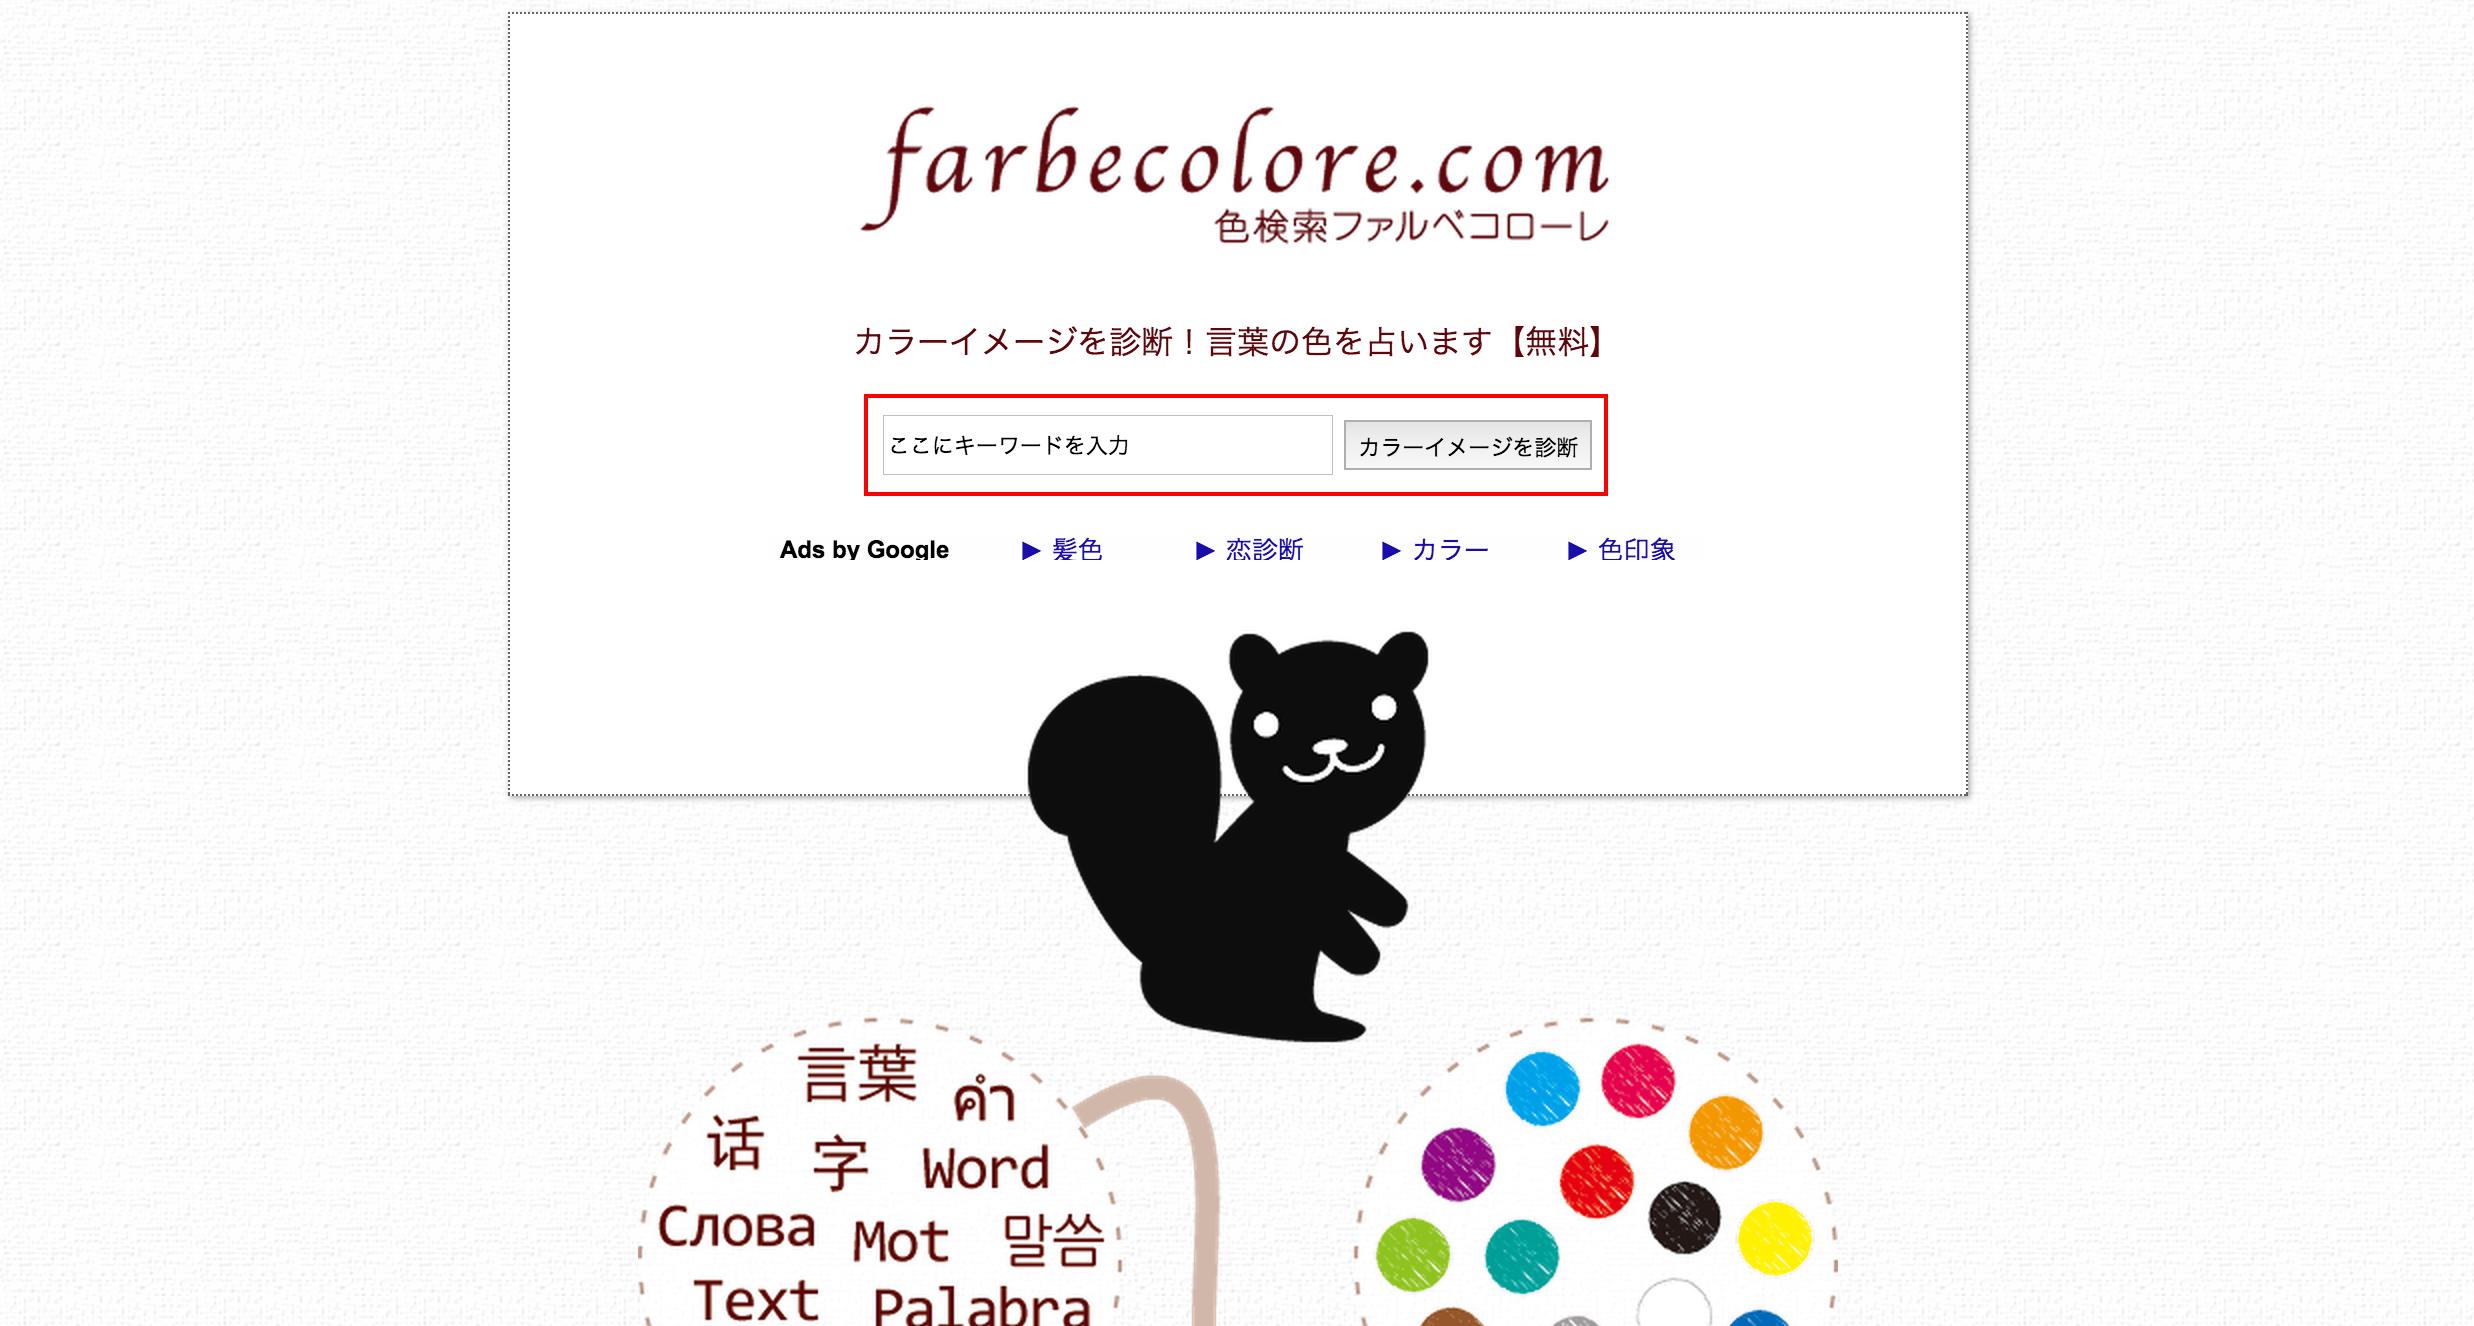 色検索ファルベコローレ   言葉のカラーイメージを診断します【当たる占い】